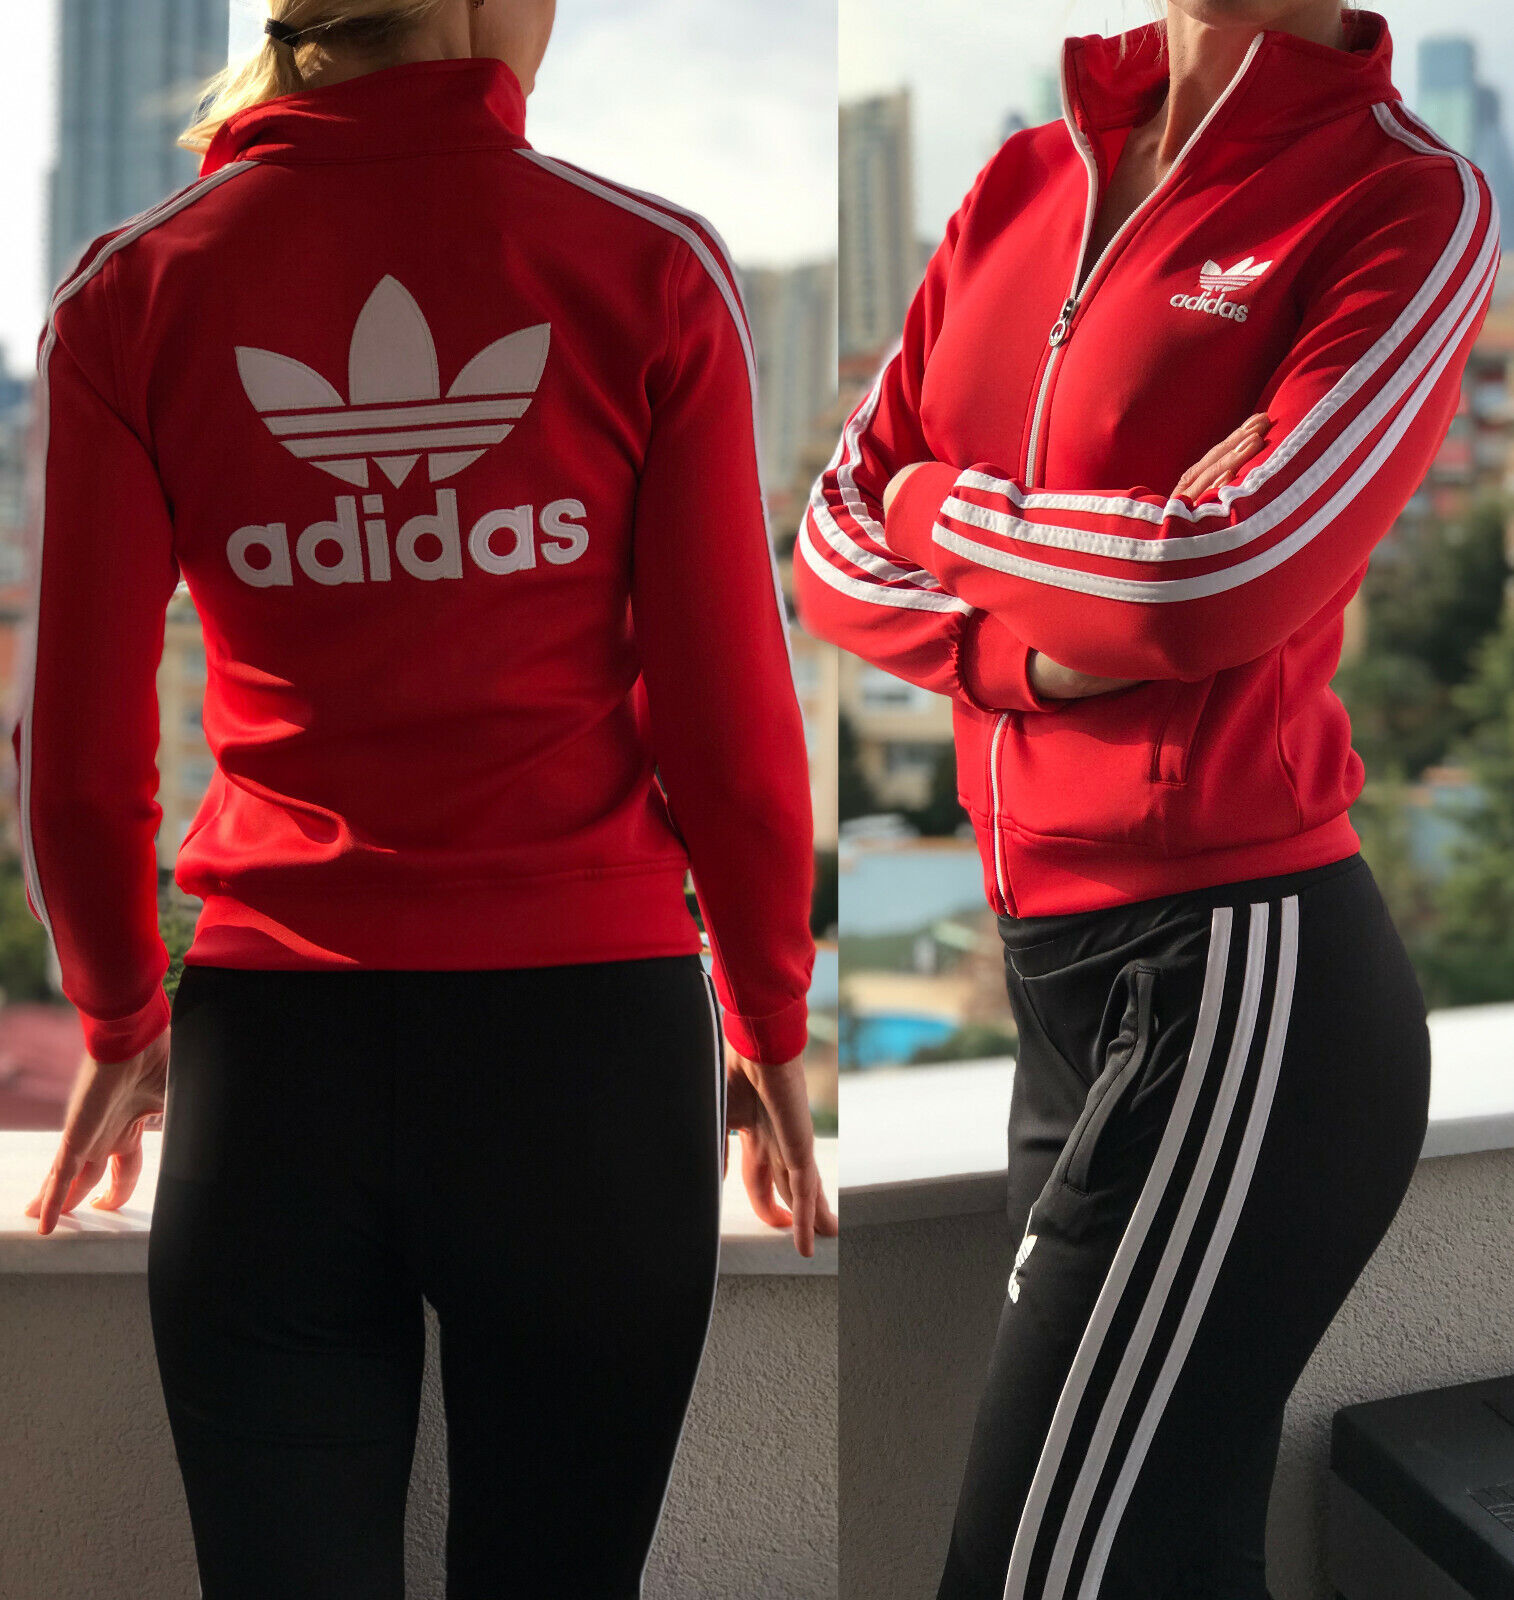 Vergleich Rot Adidas Damen Anzug Test pqUMLzGVS